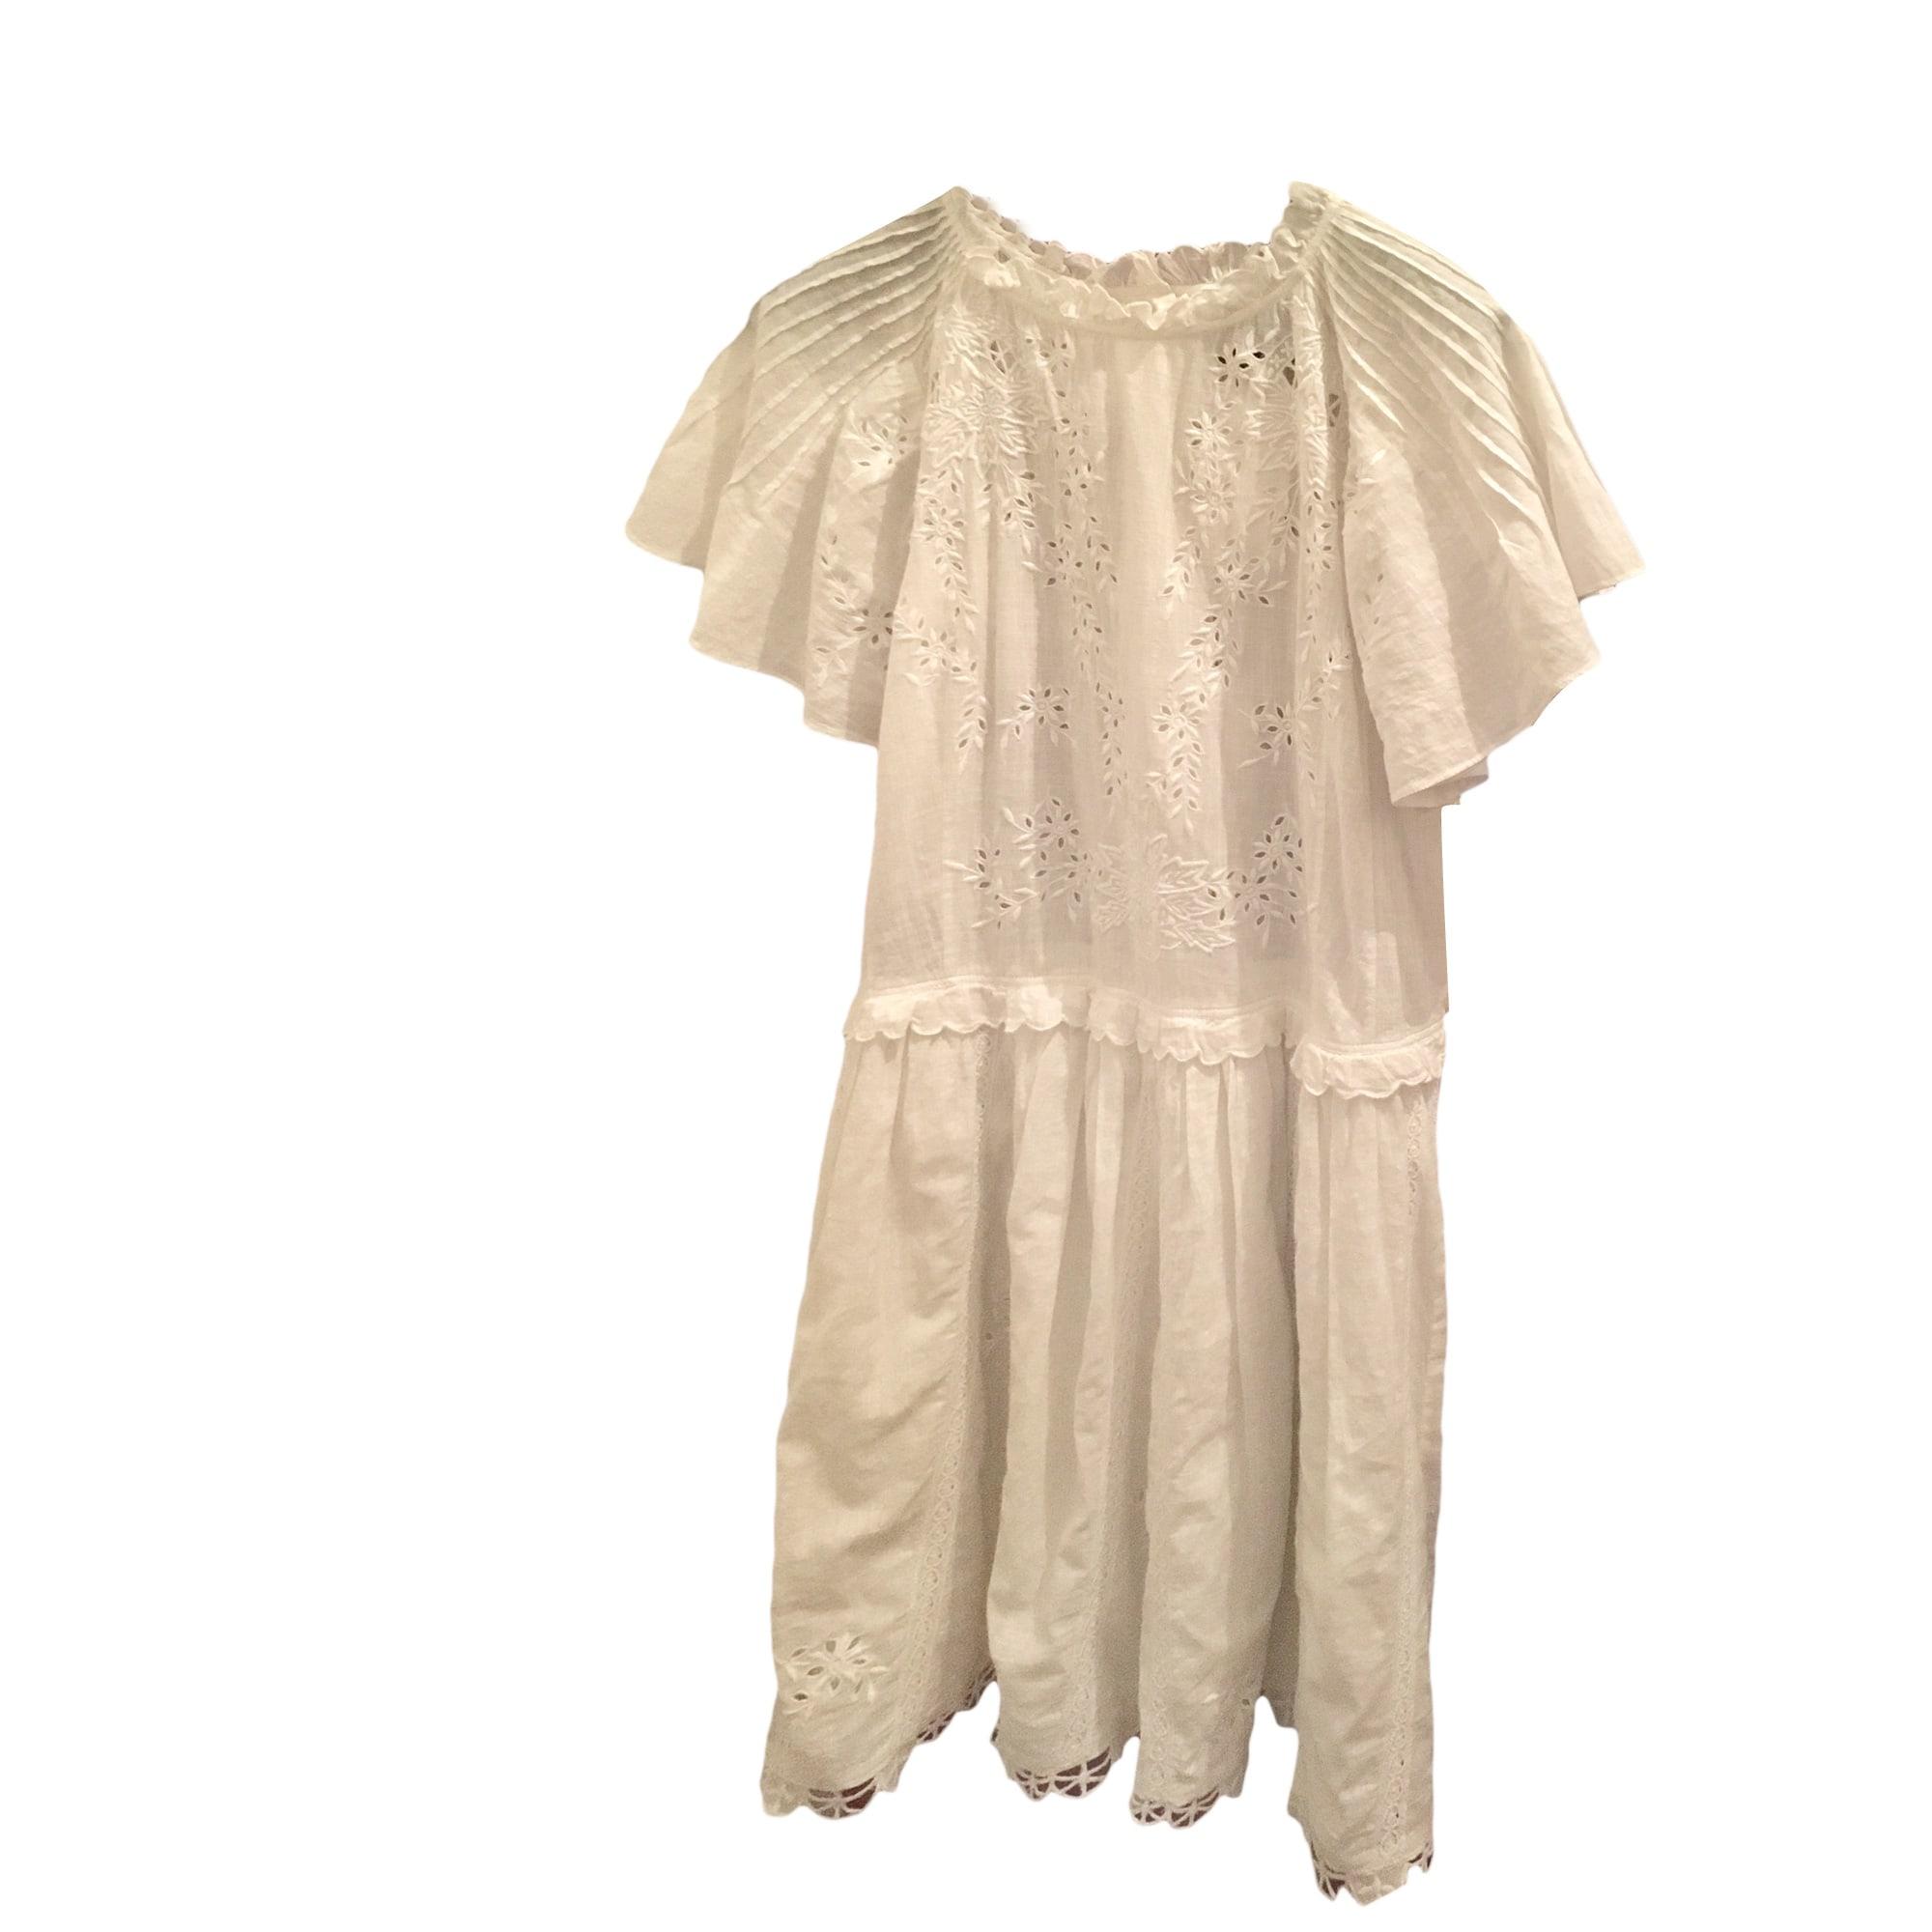 Mini-Kleid ZADIG   VOLTAIRE 36 (S, T1) weiß vendu par ... 286bad76d5